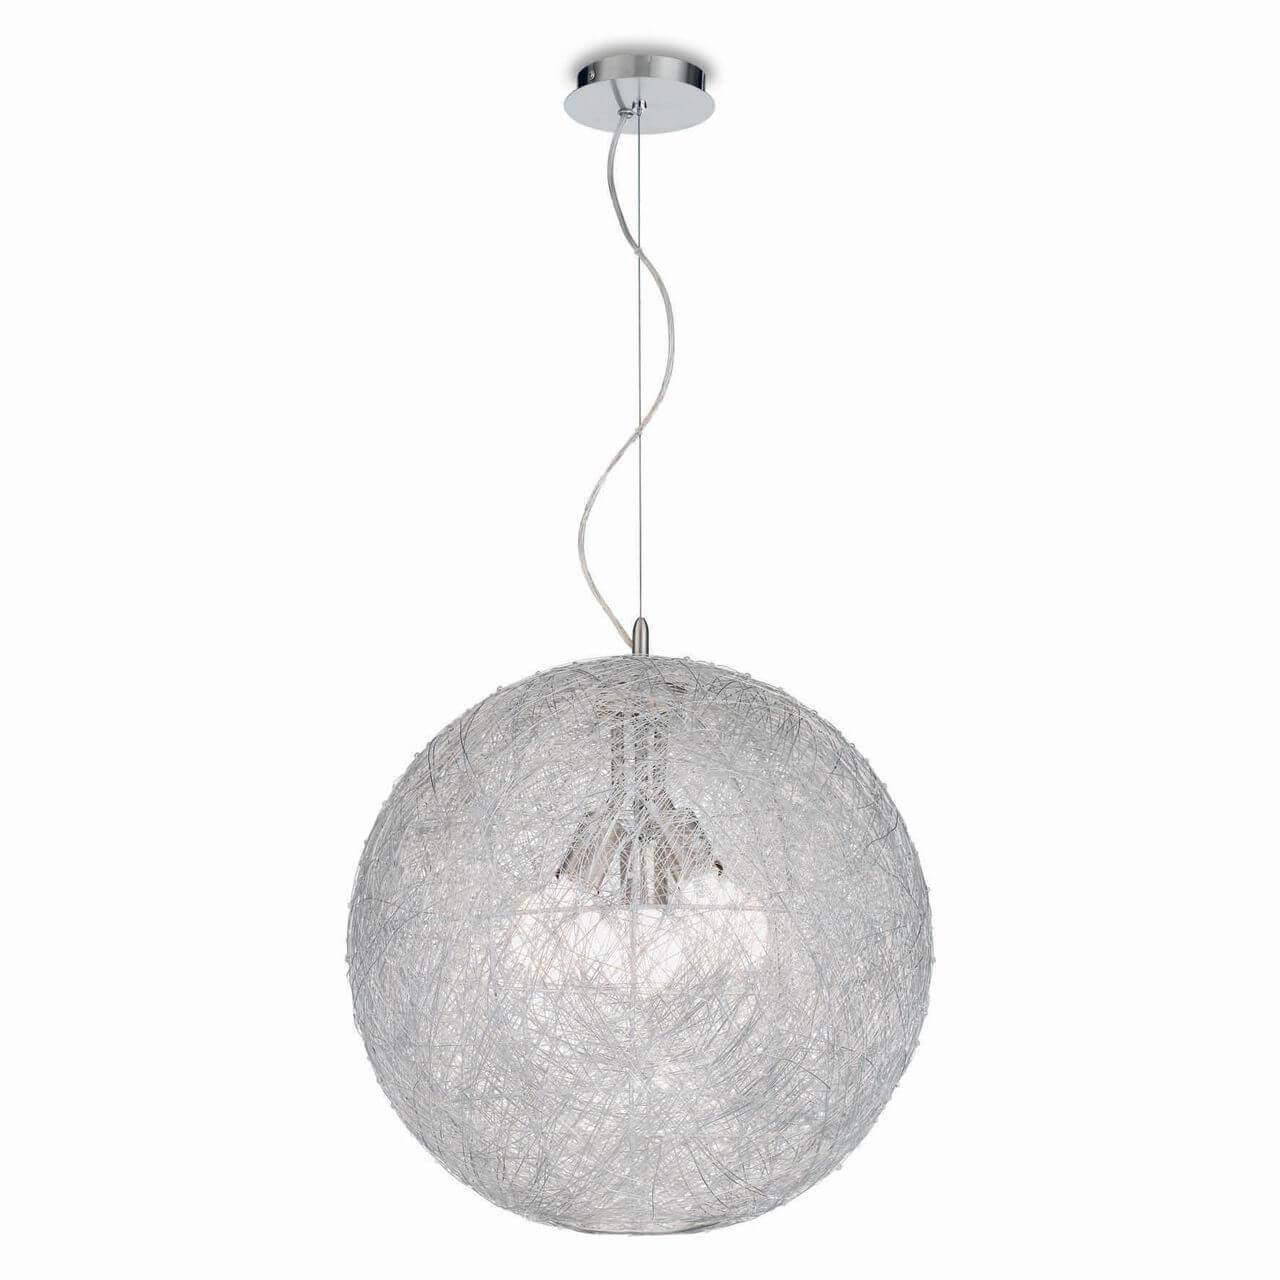 купить Подвесной светильник Ideal Lux Emis SP3 D50 дешево